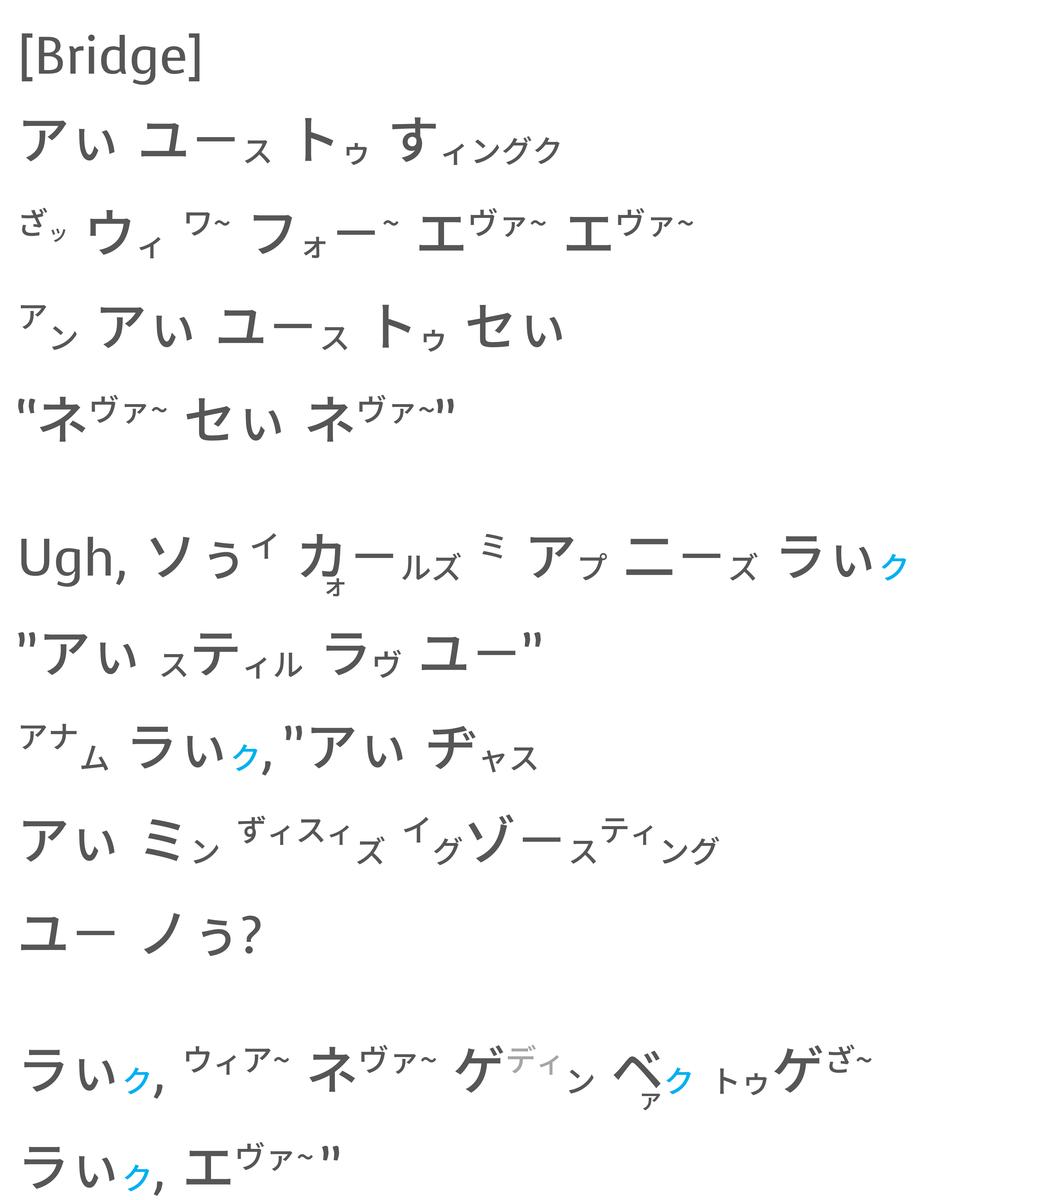 f:id:yakatazushi:20200811160748p:plain